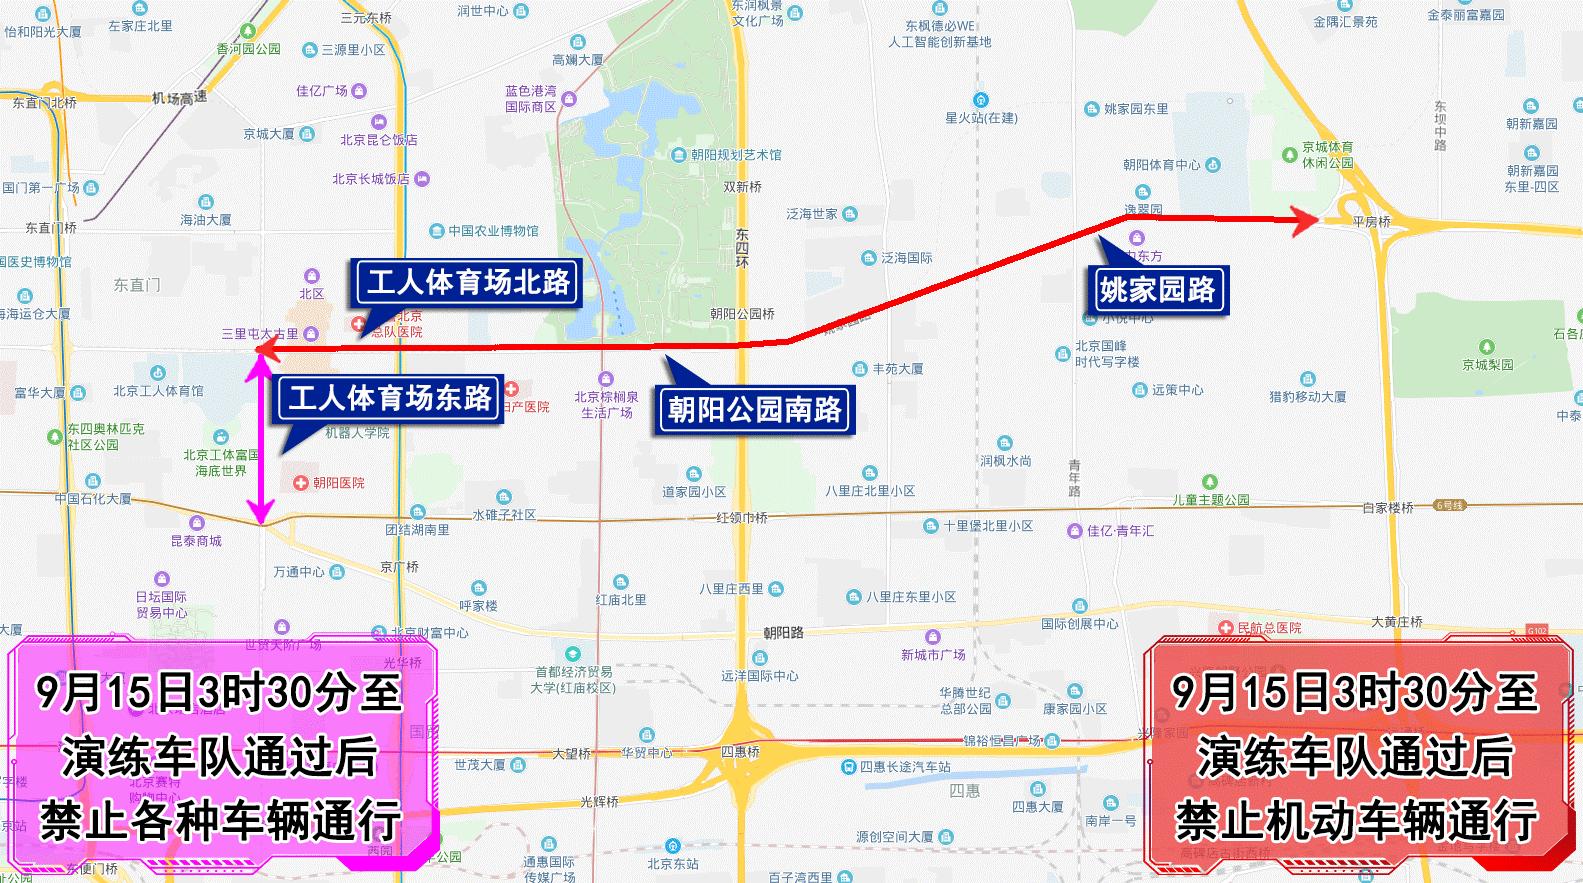 北京交管部门发布9月14日下午至9月15日晨交通提示